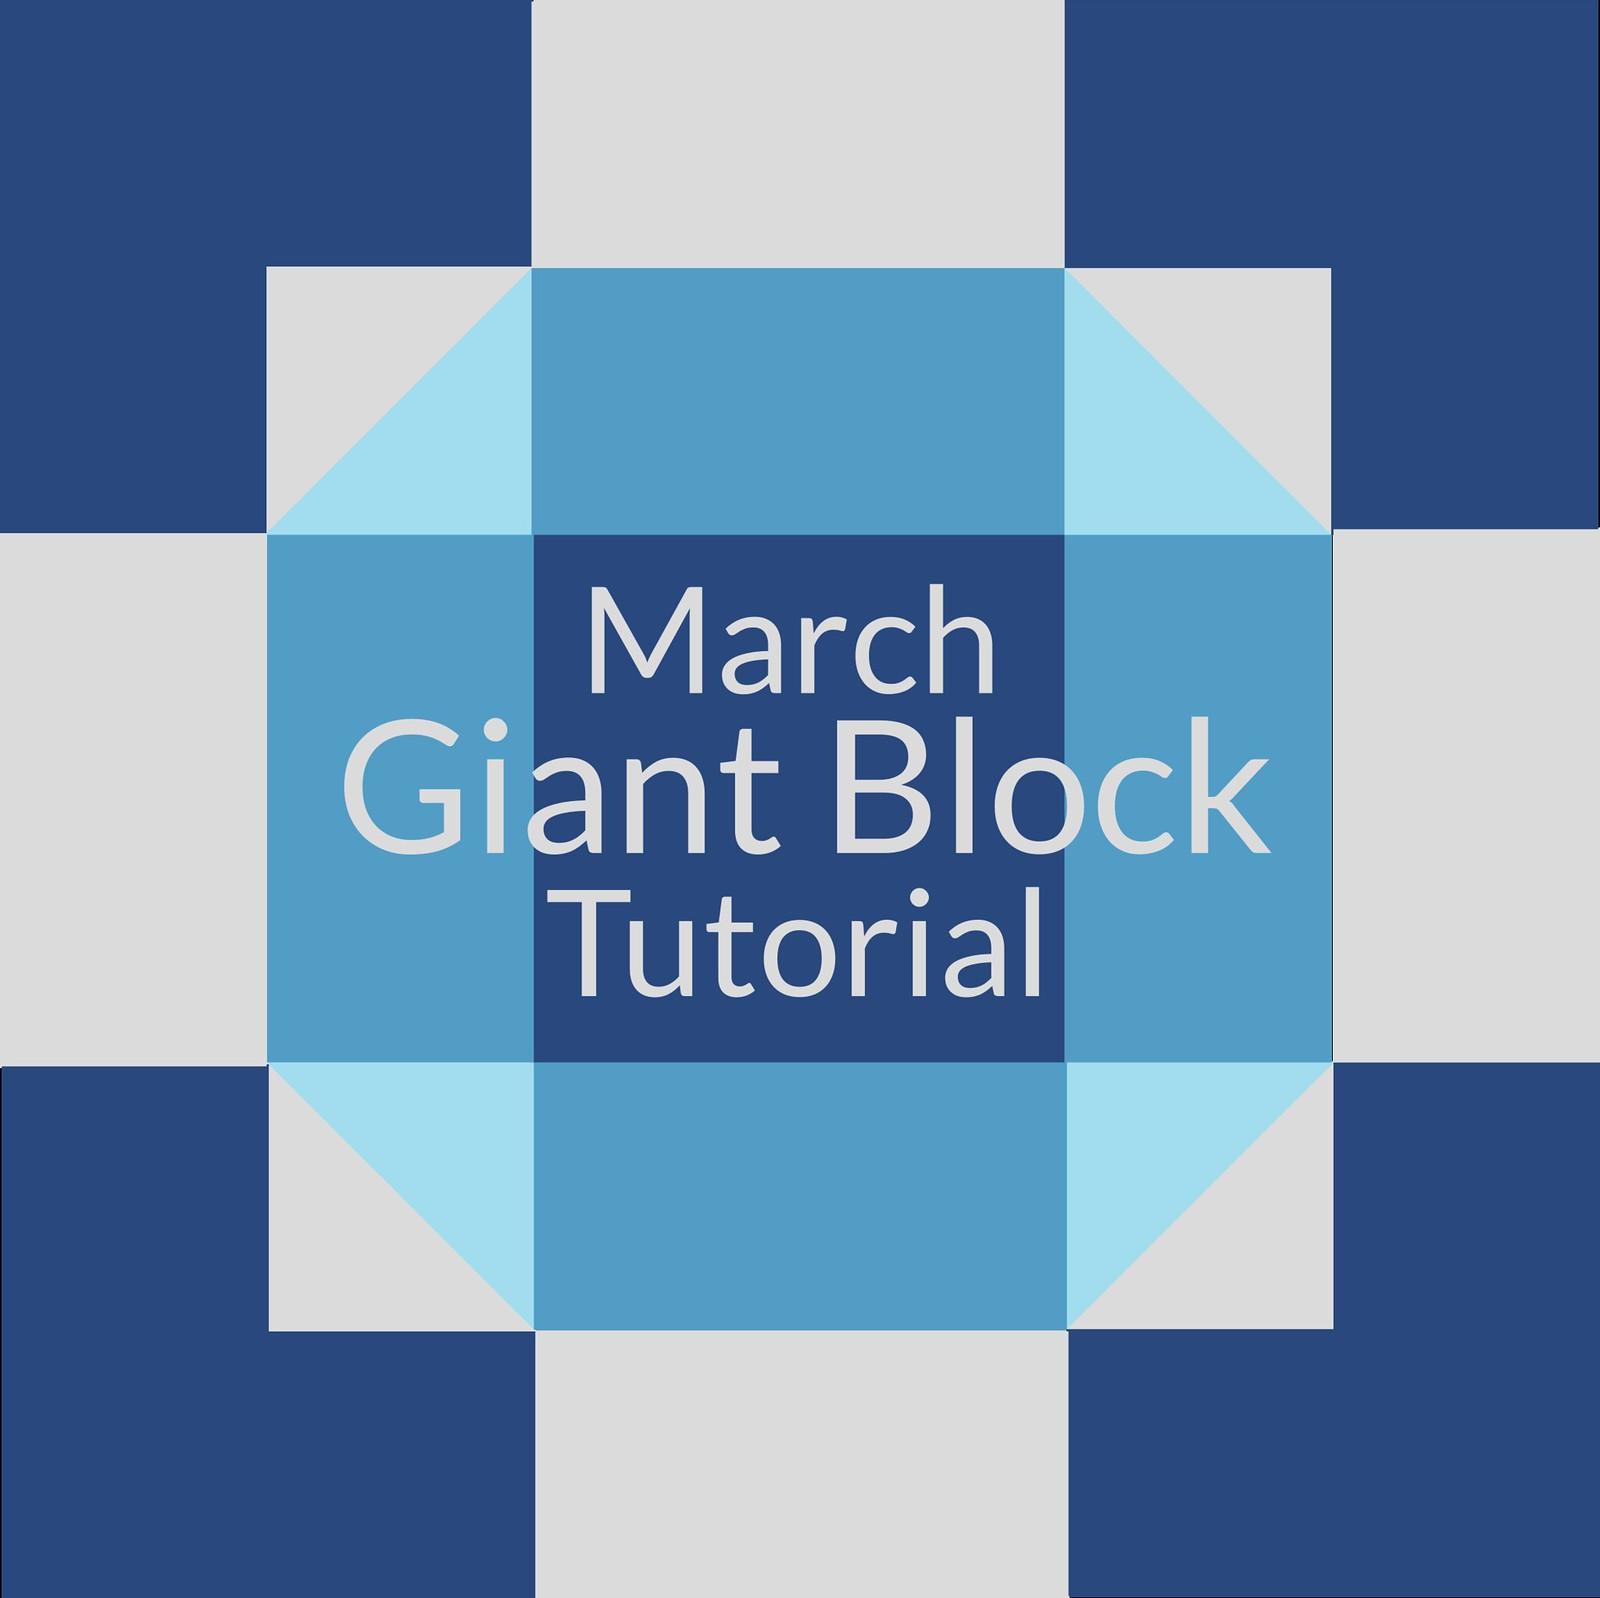 MarchGiantBlock4